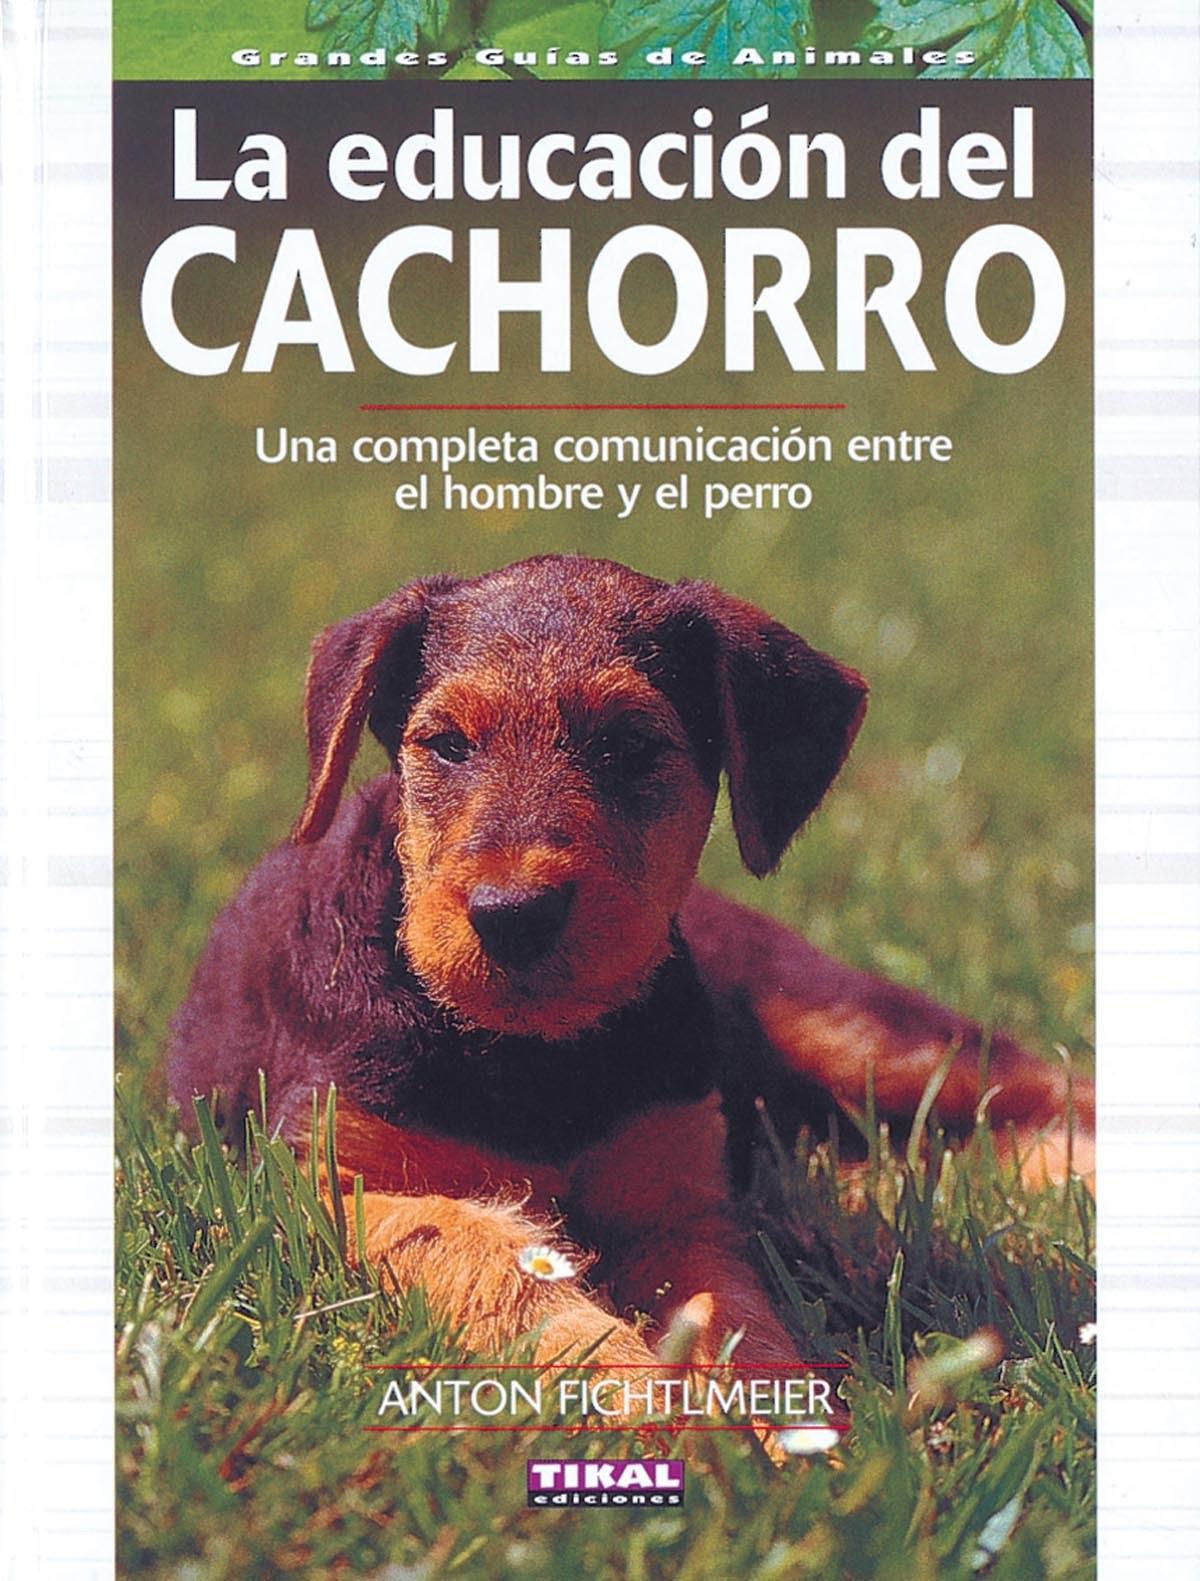 La educación del cachorro 9788430565399